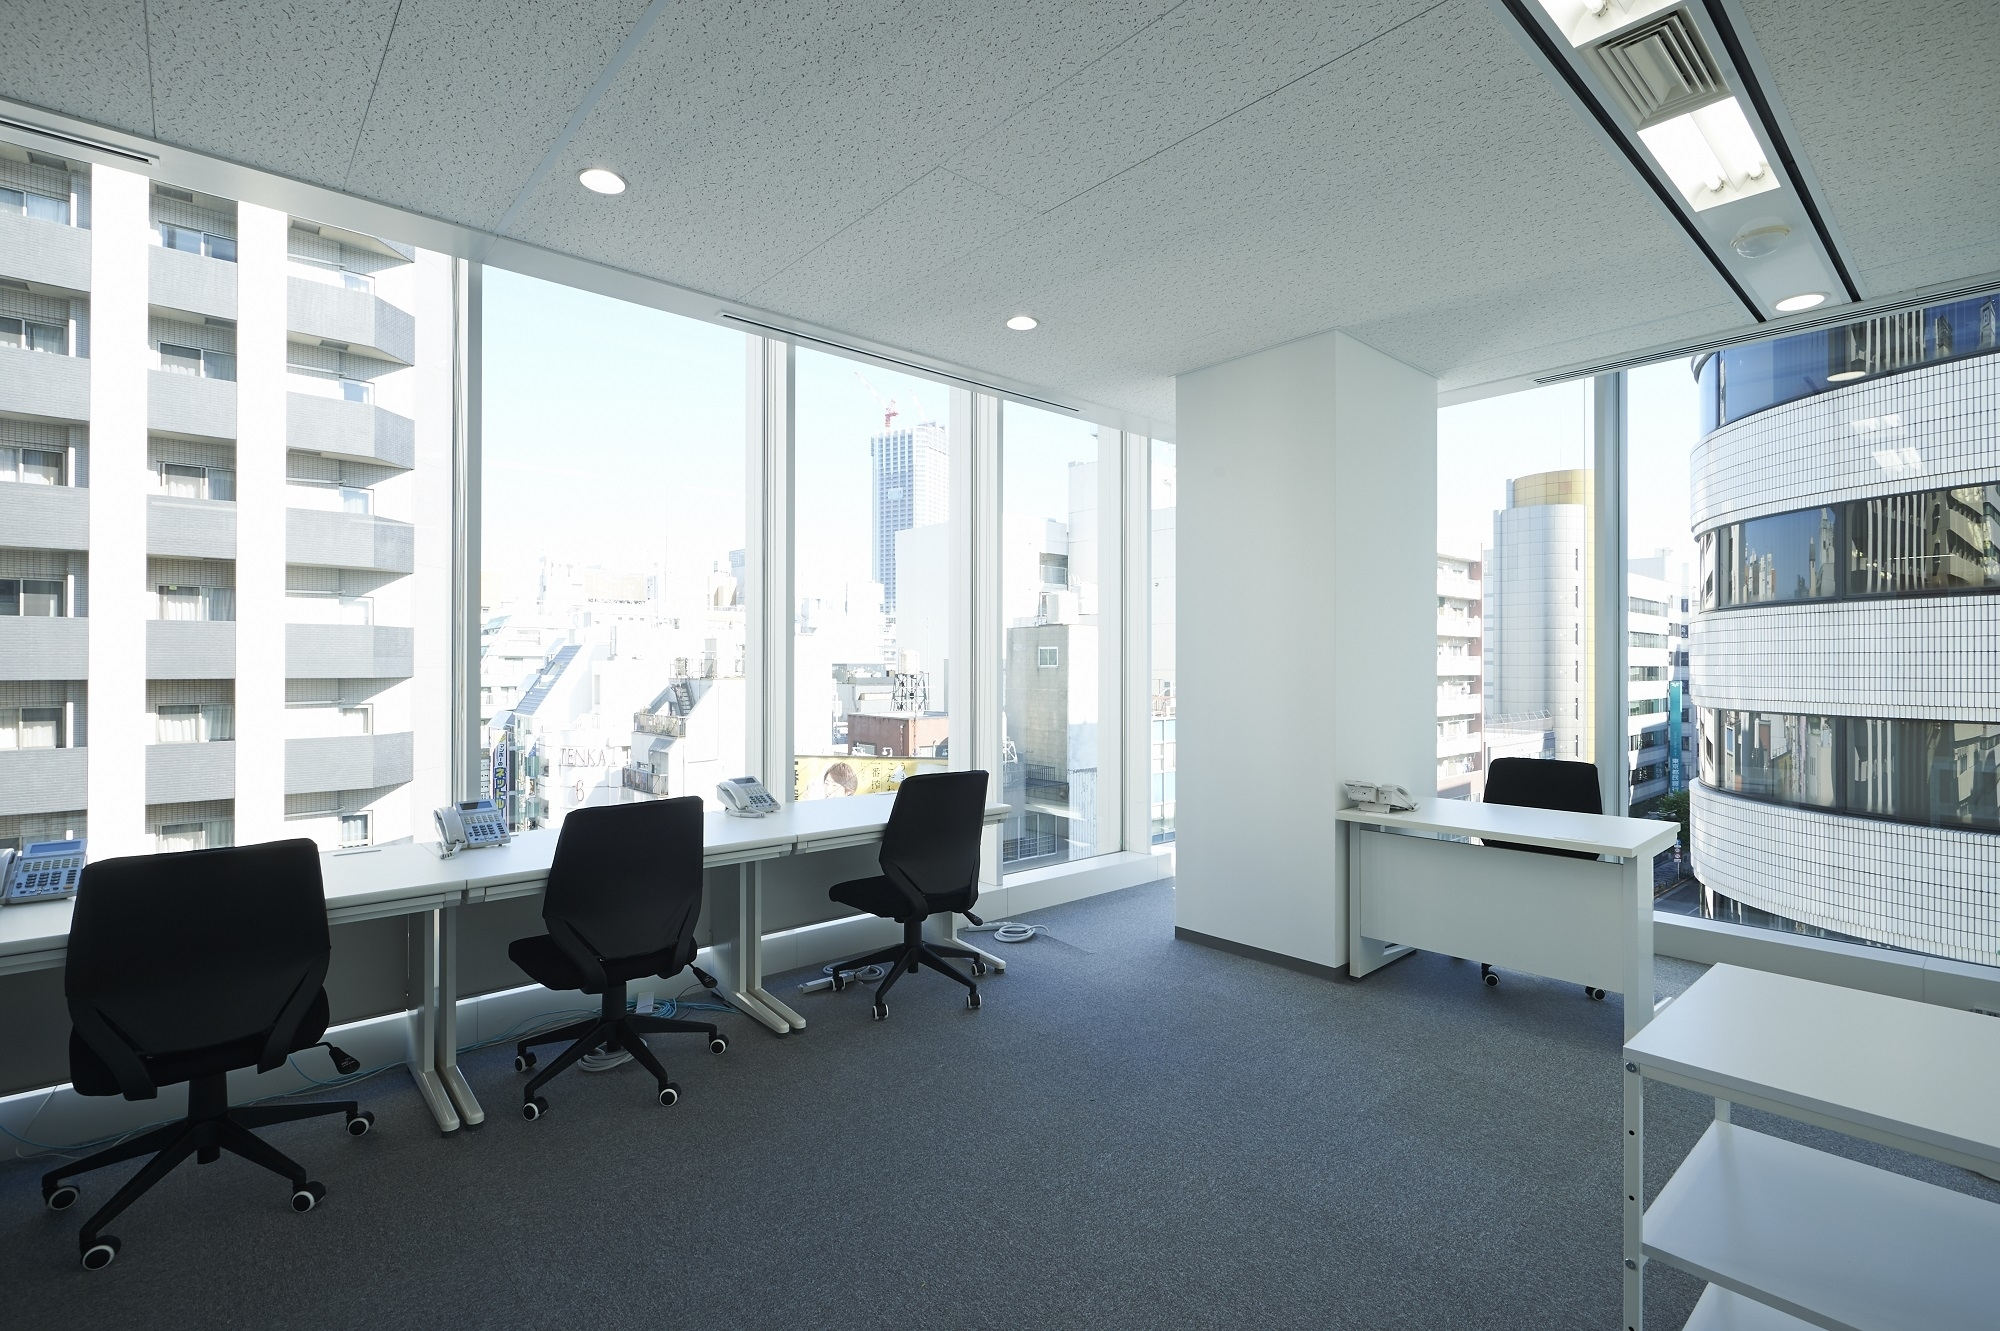 レンタルオフィスCROSSCOOP、「5名様以上の個室ご契約でフリー ...